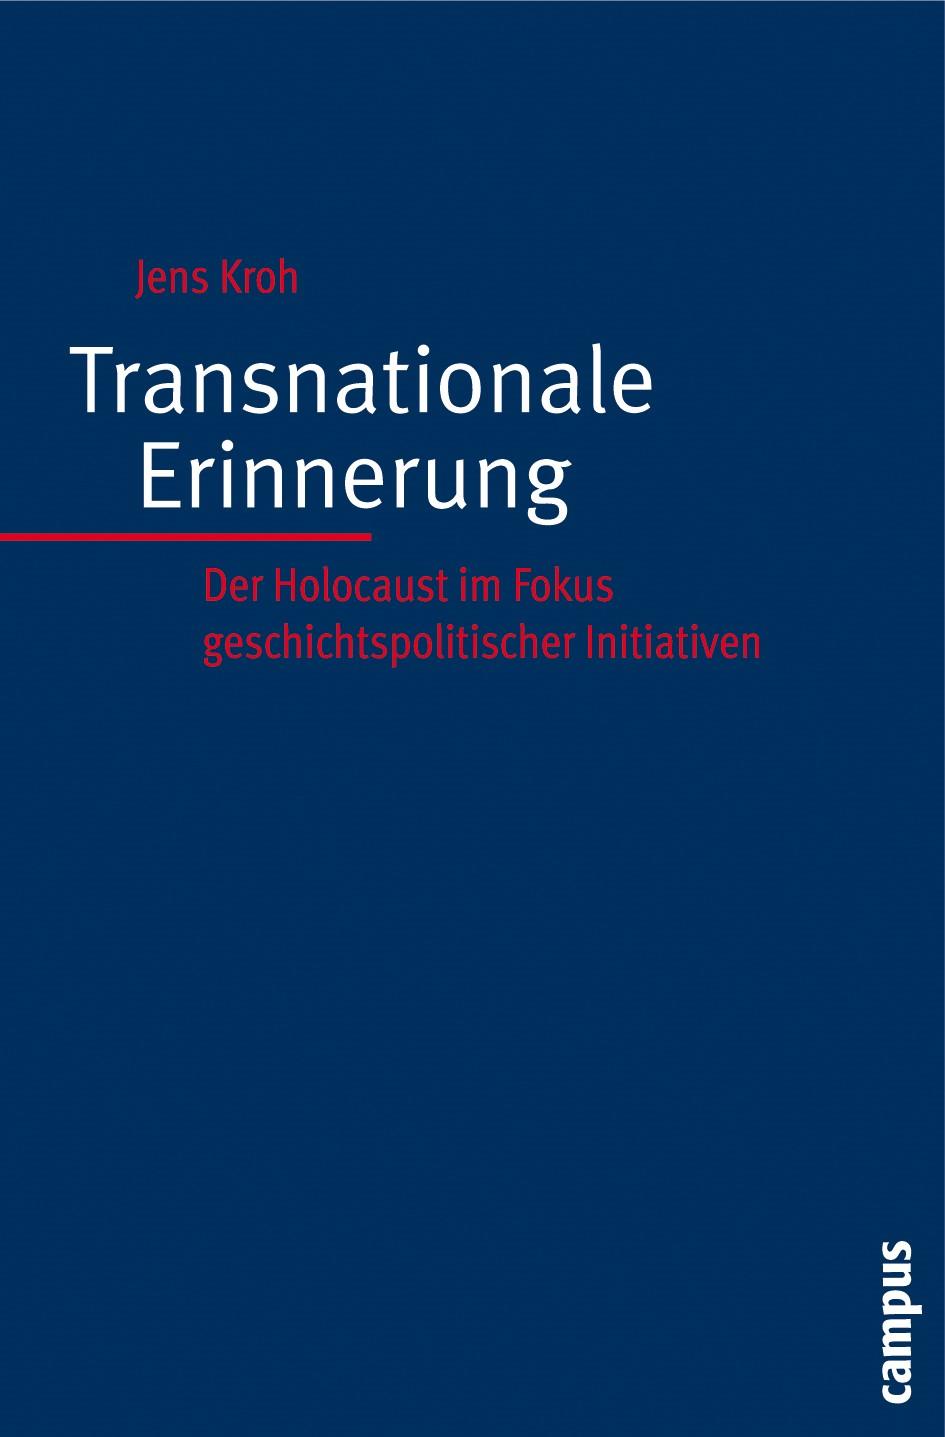 Abbildung von Kroh   Transnationale Erinnerung   2008